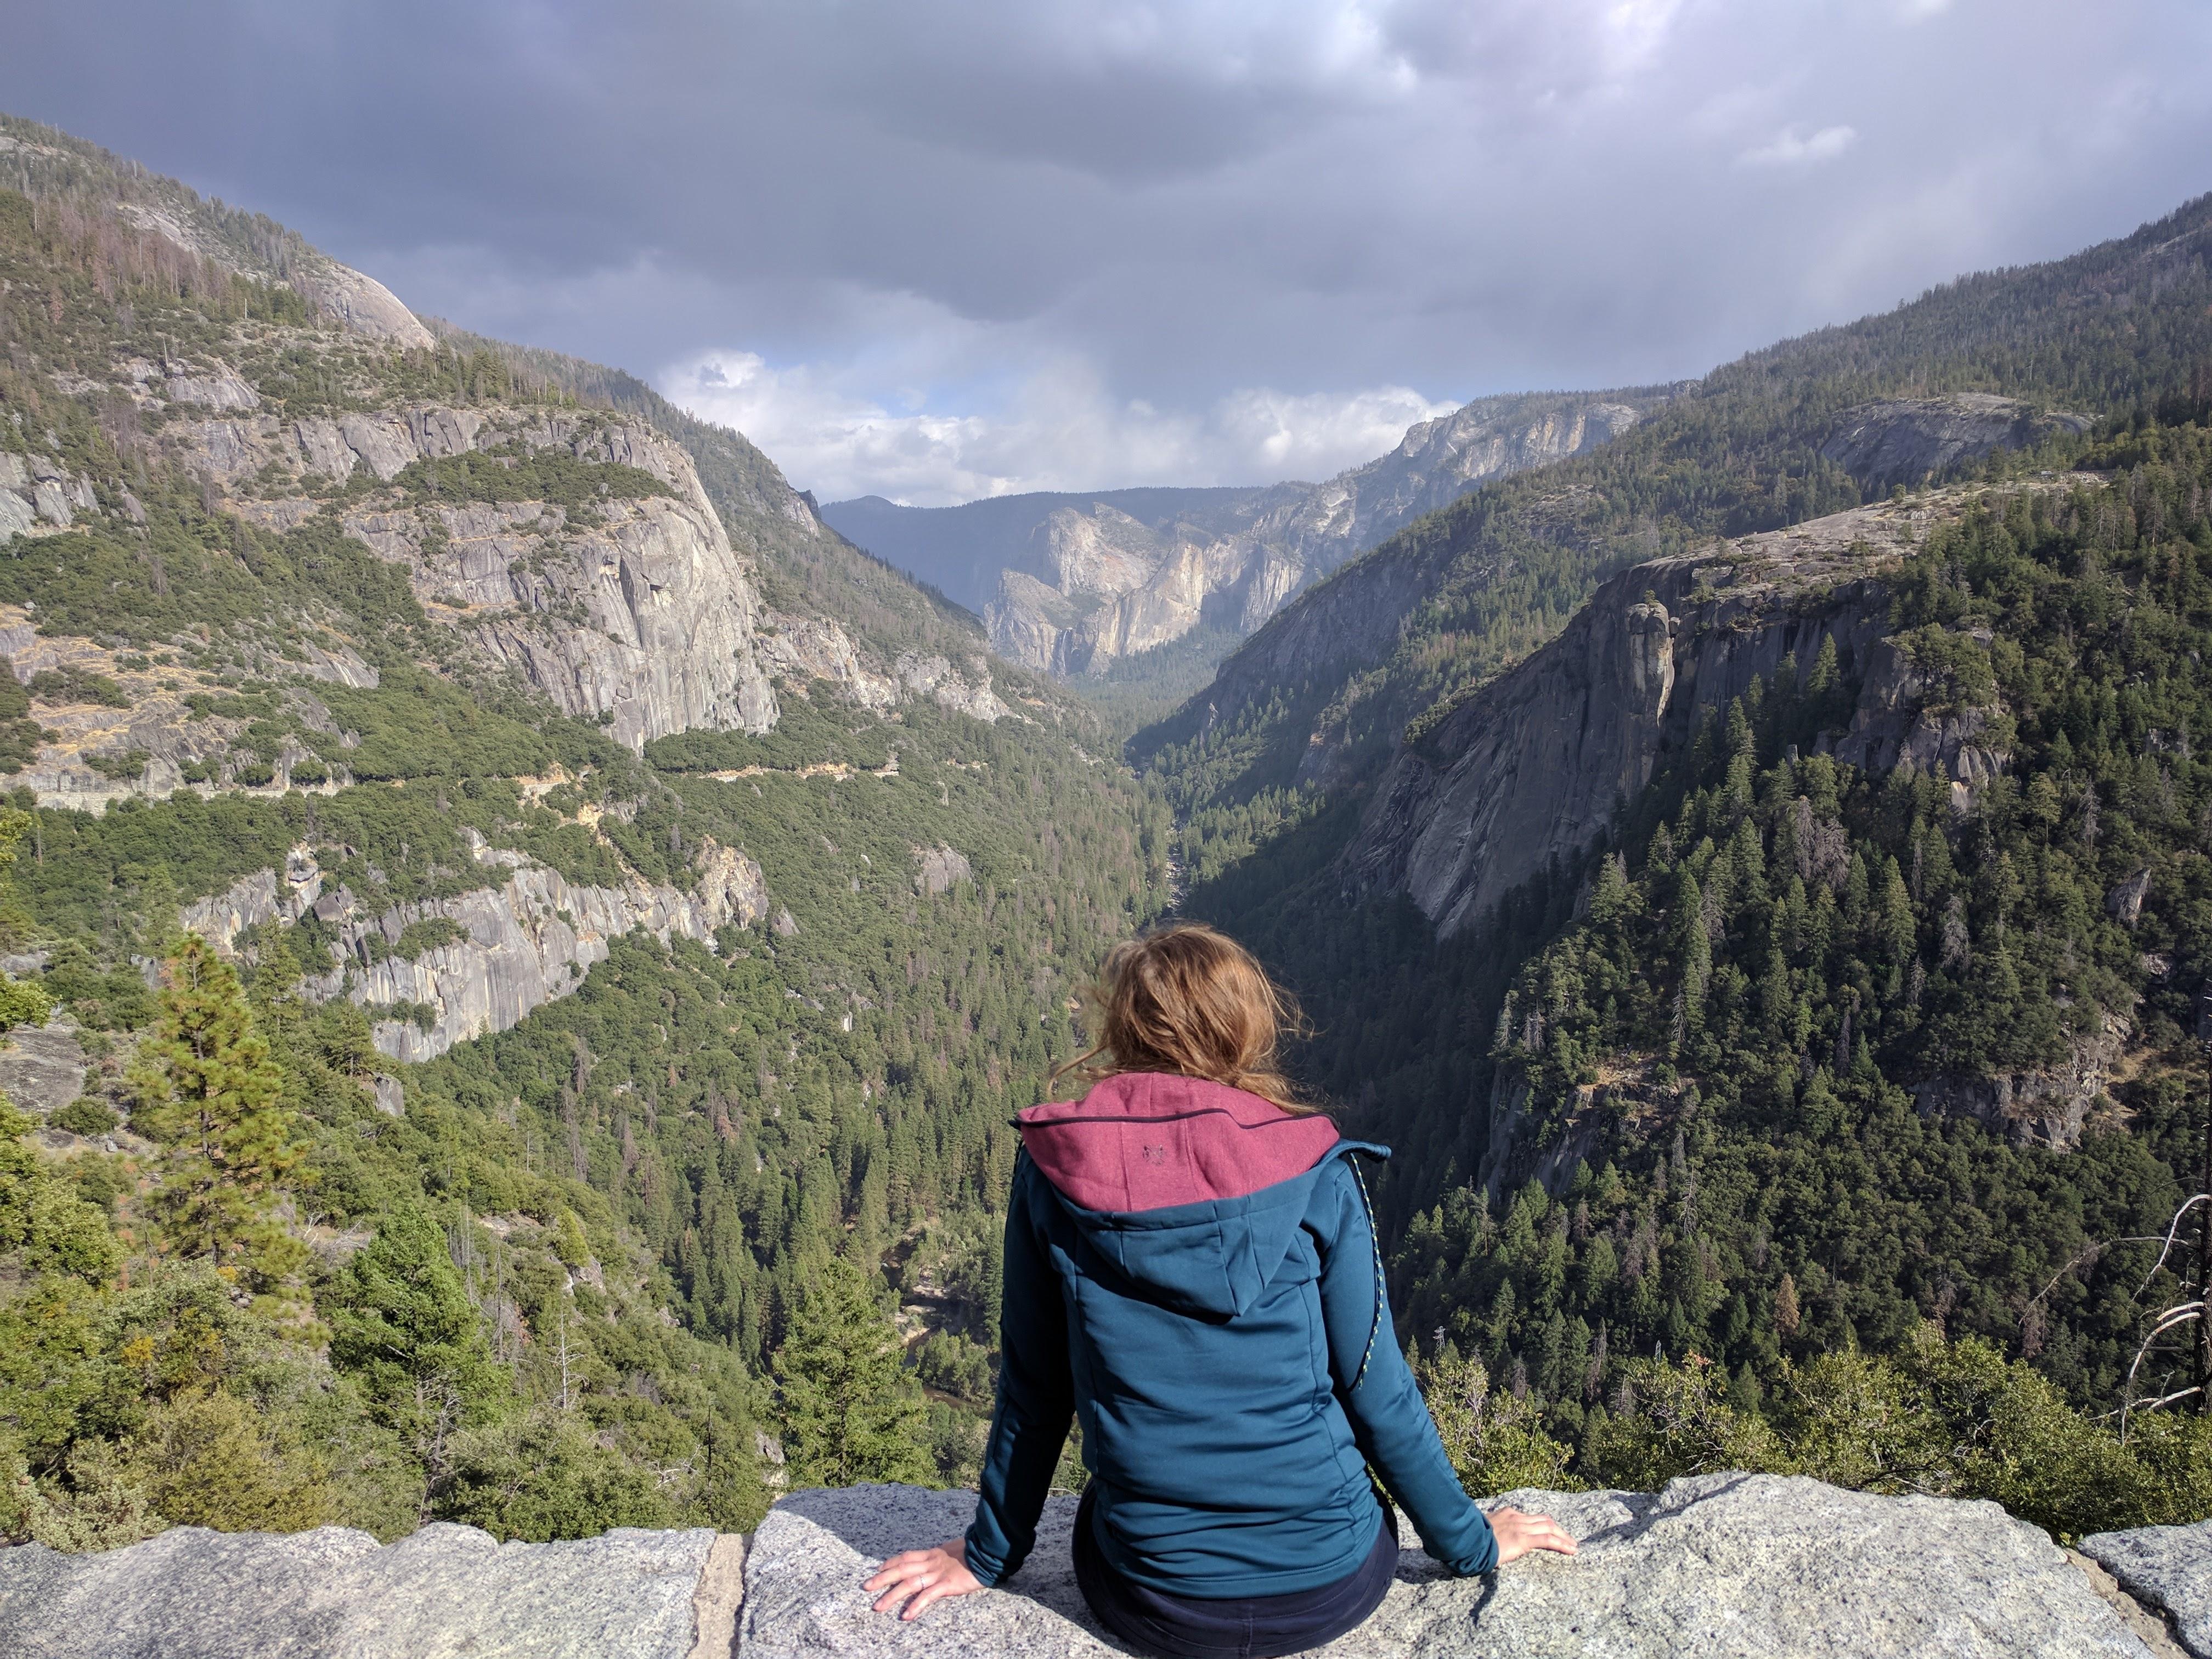 De mooie uitzichten in Yosemite zijn eindeloos (en de foto momentjes dus ook)!